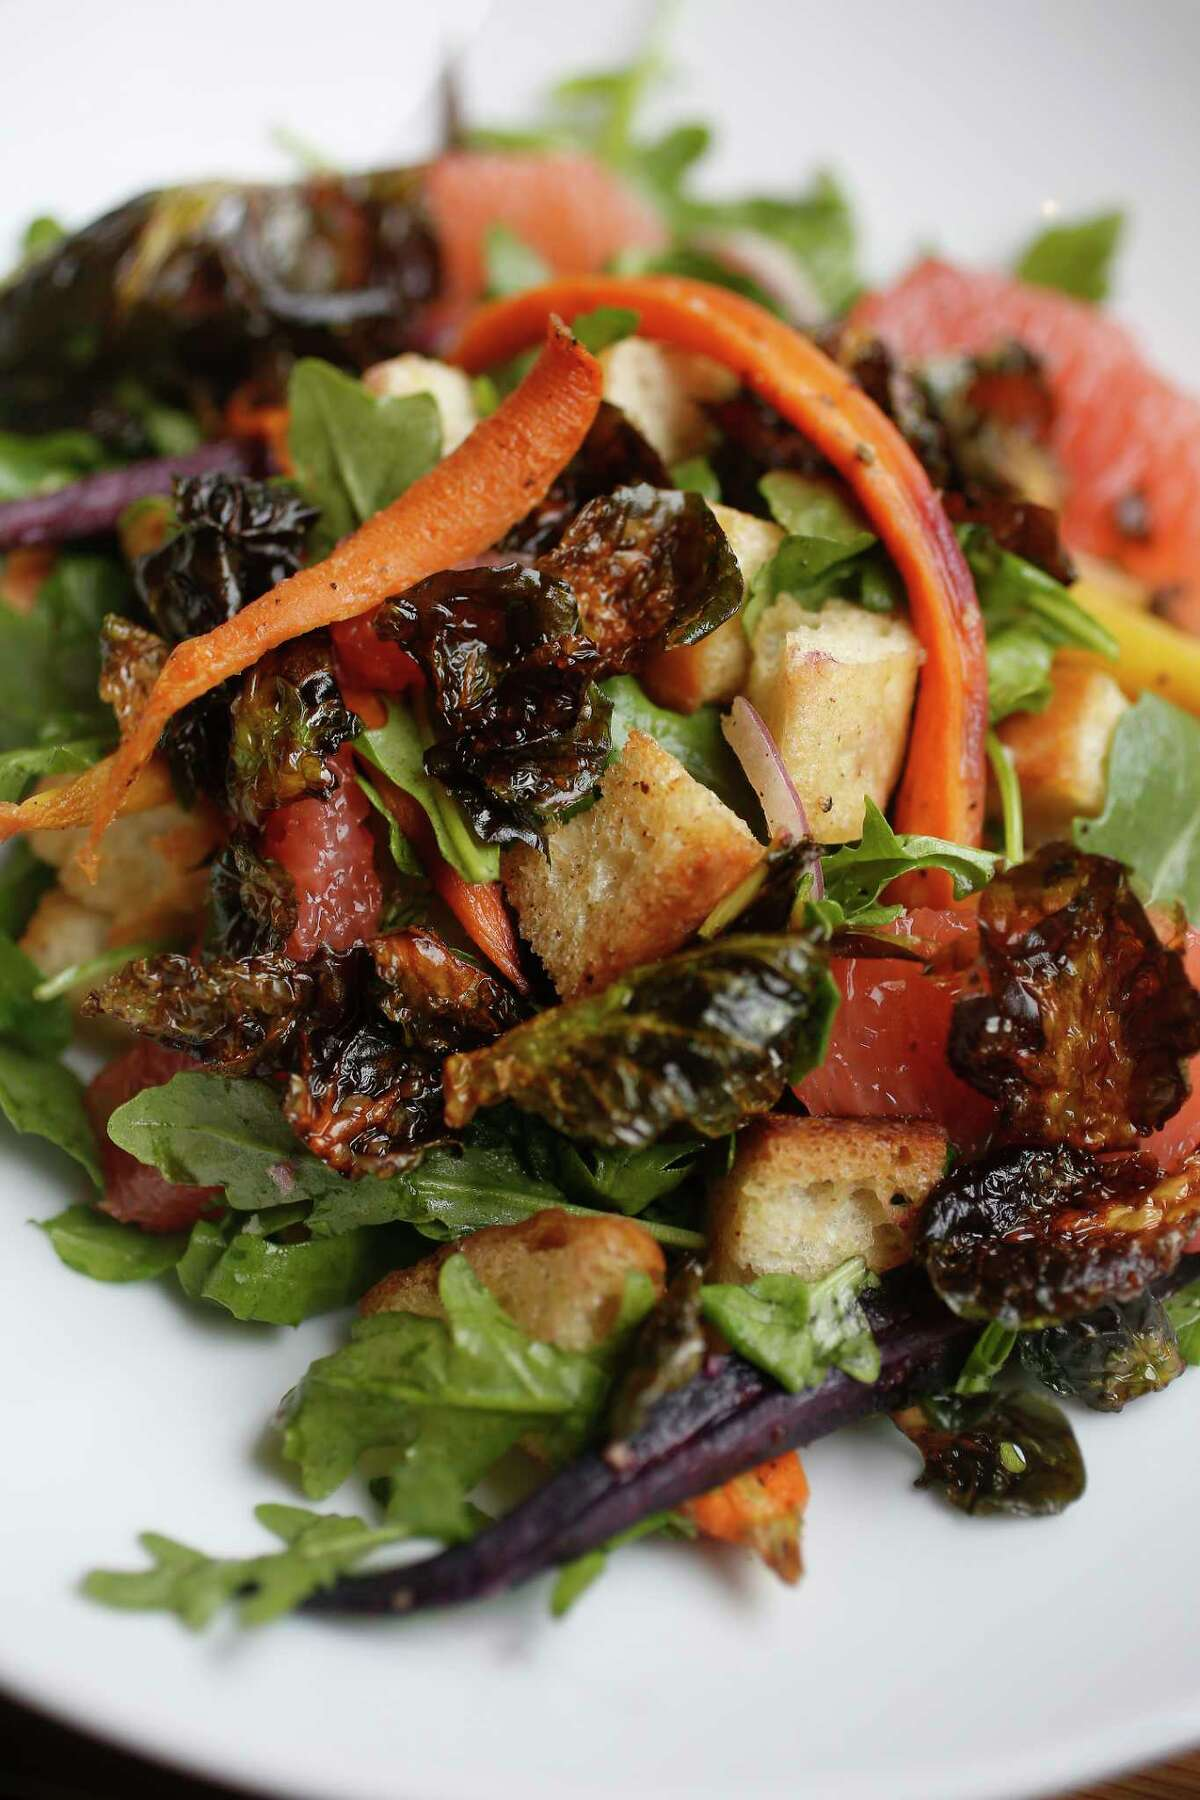 Market vegetable salad at The Roastery, 5895 San Felipe.